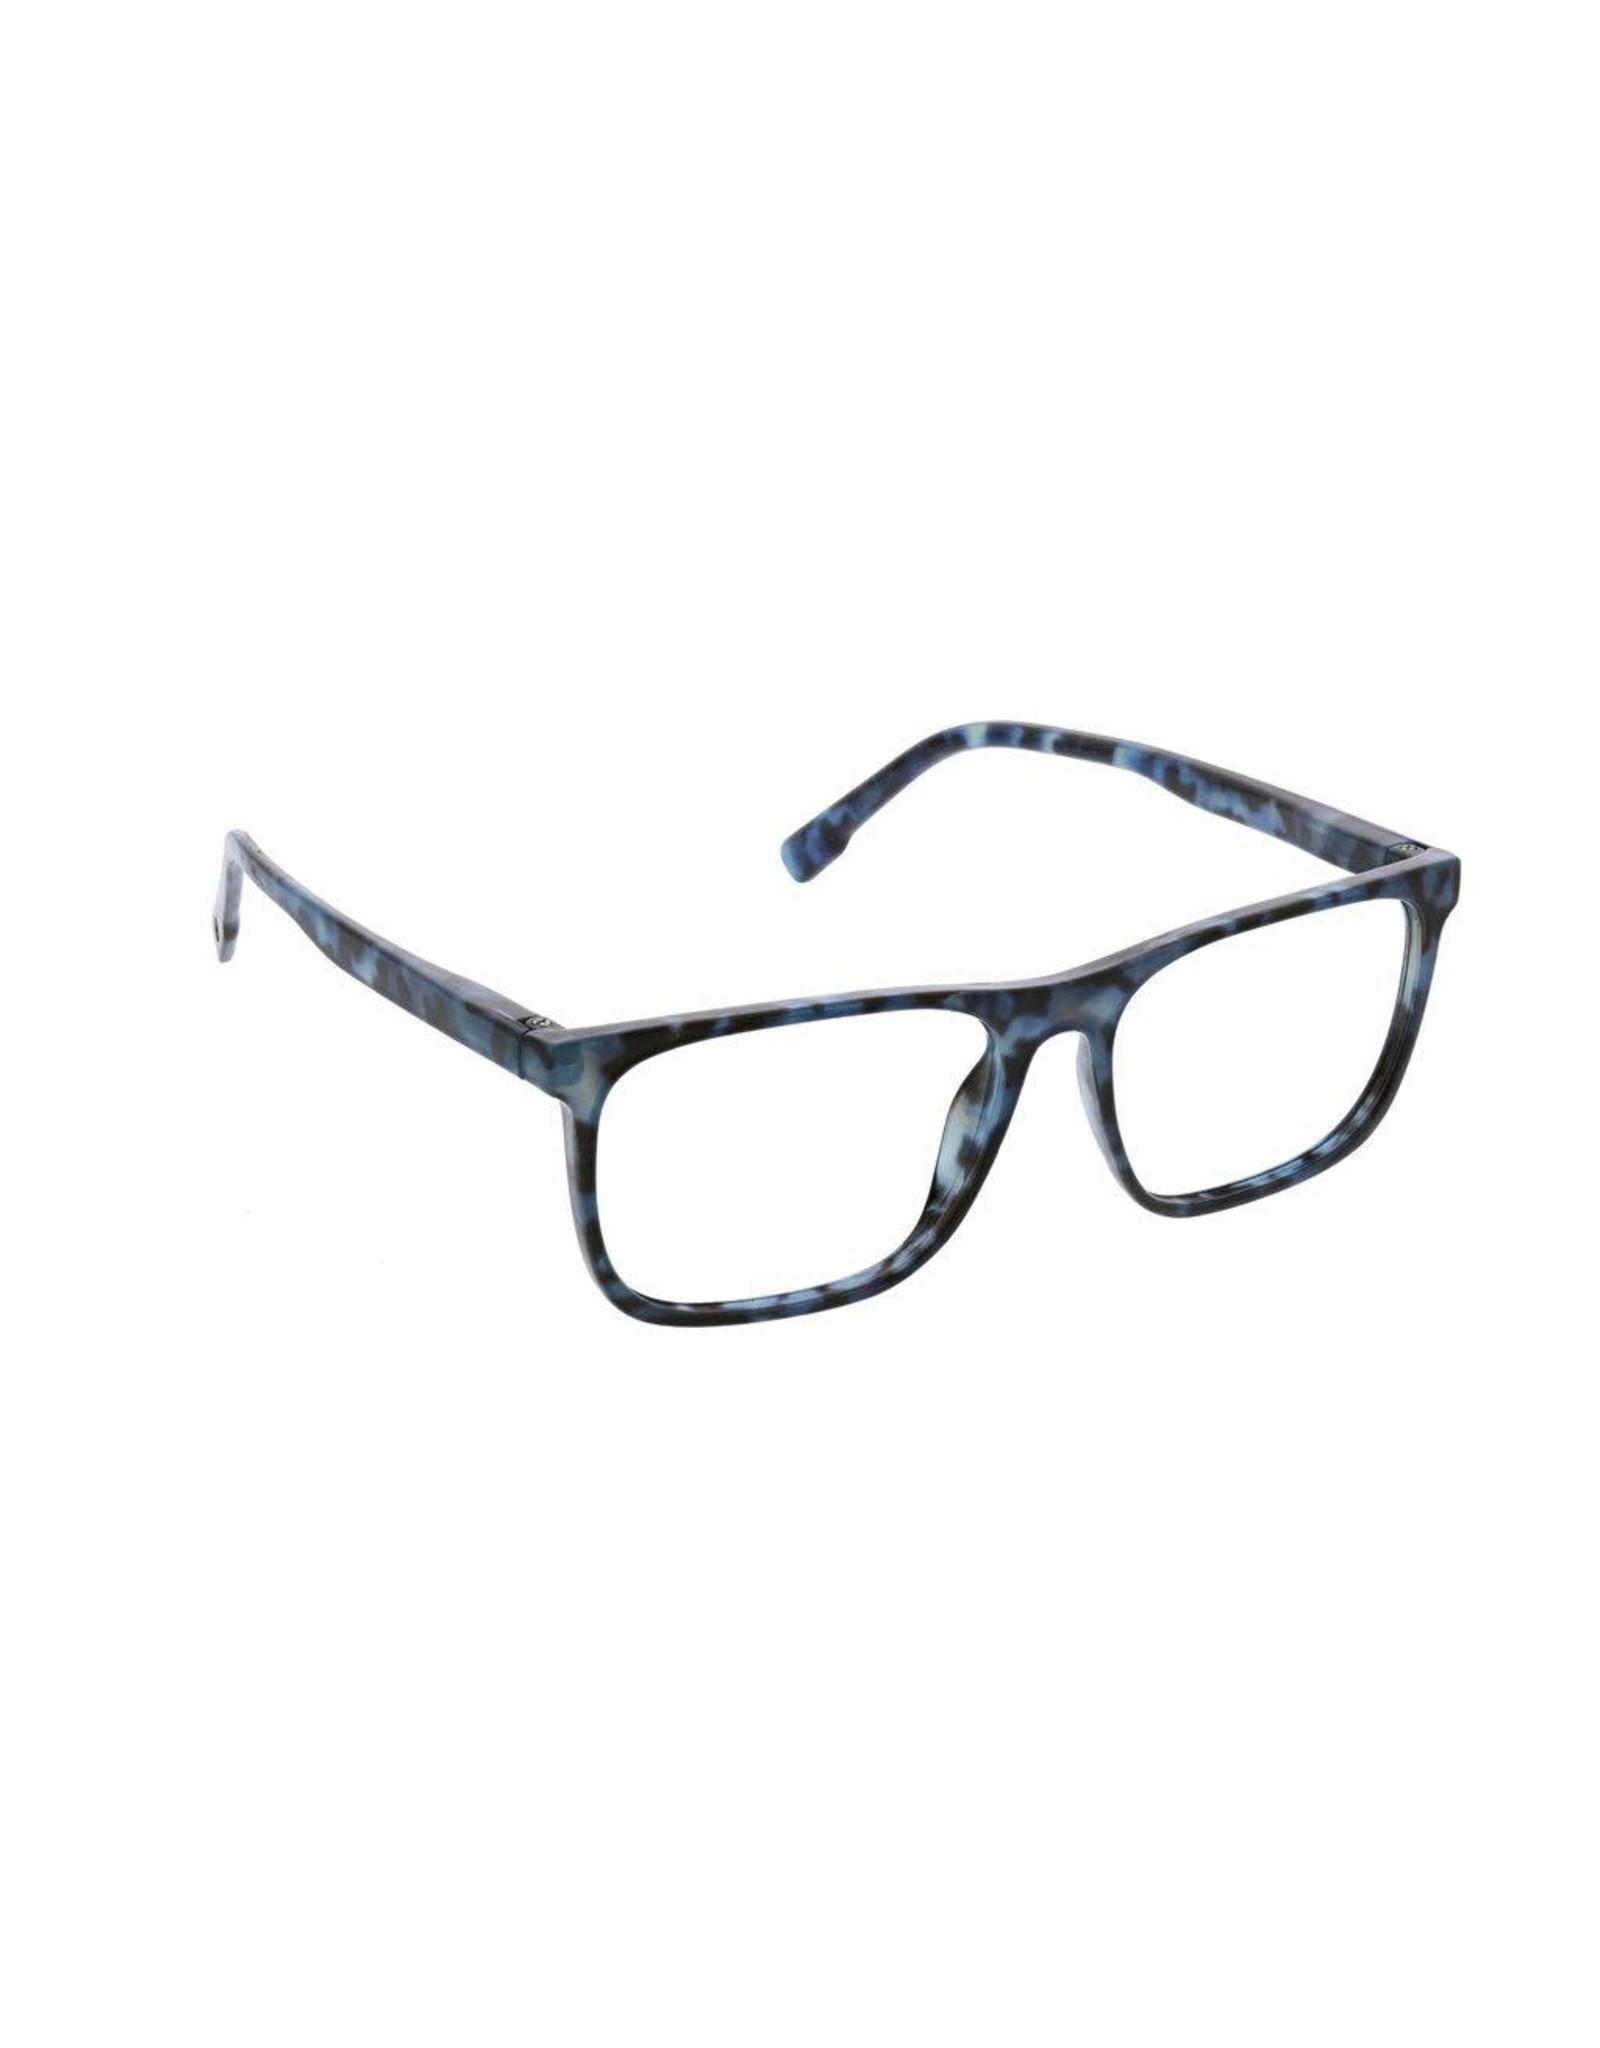 Reading Glasses Highbrow Blue Light Navy Tortoise +2.00